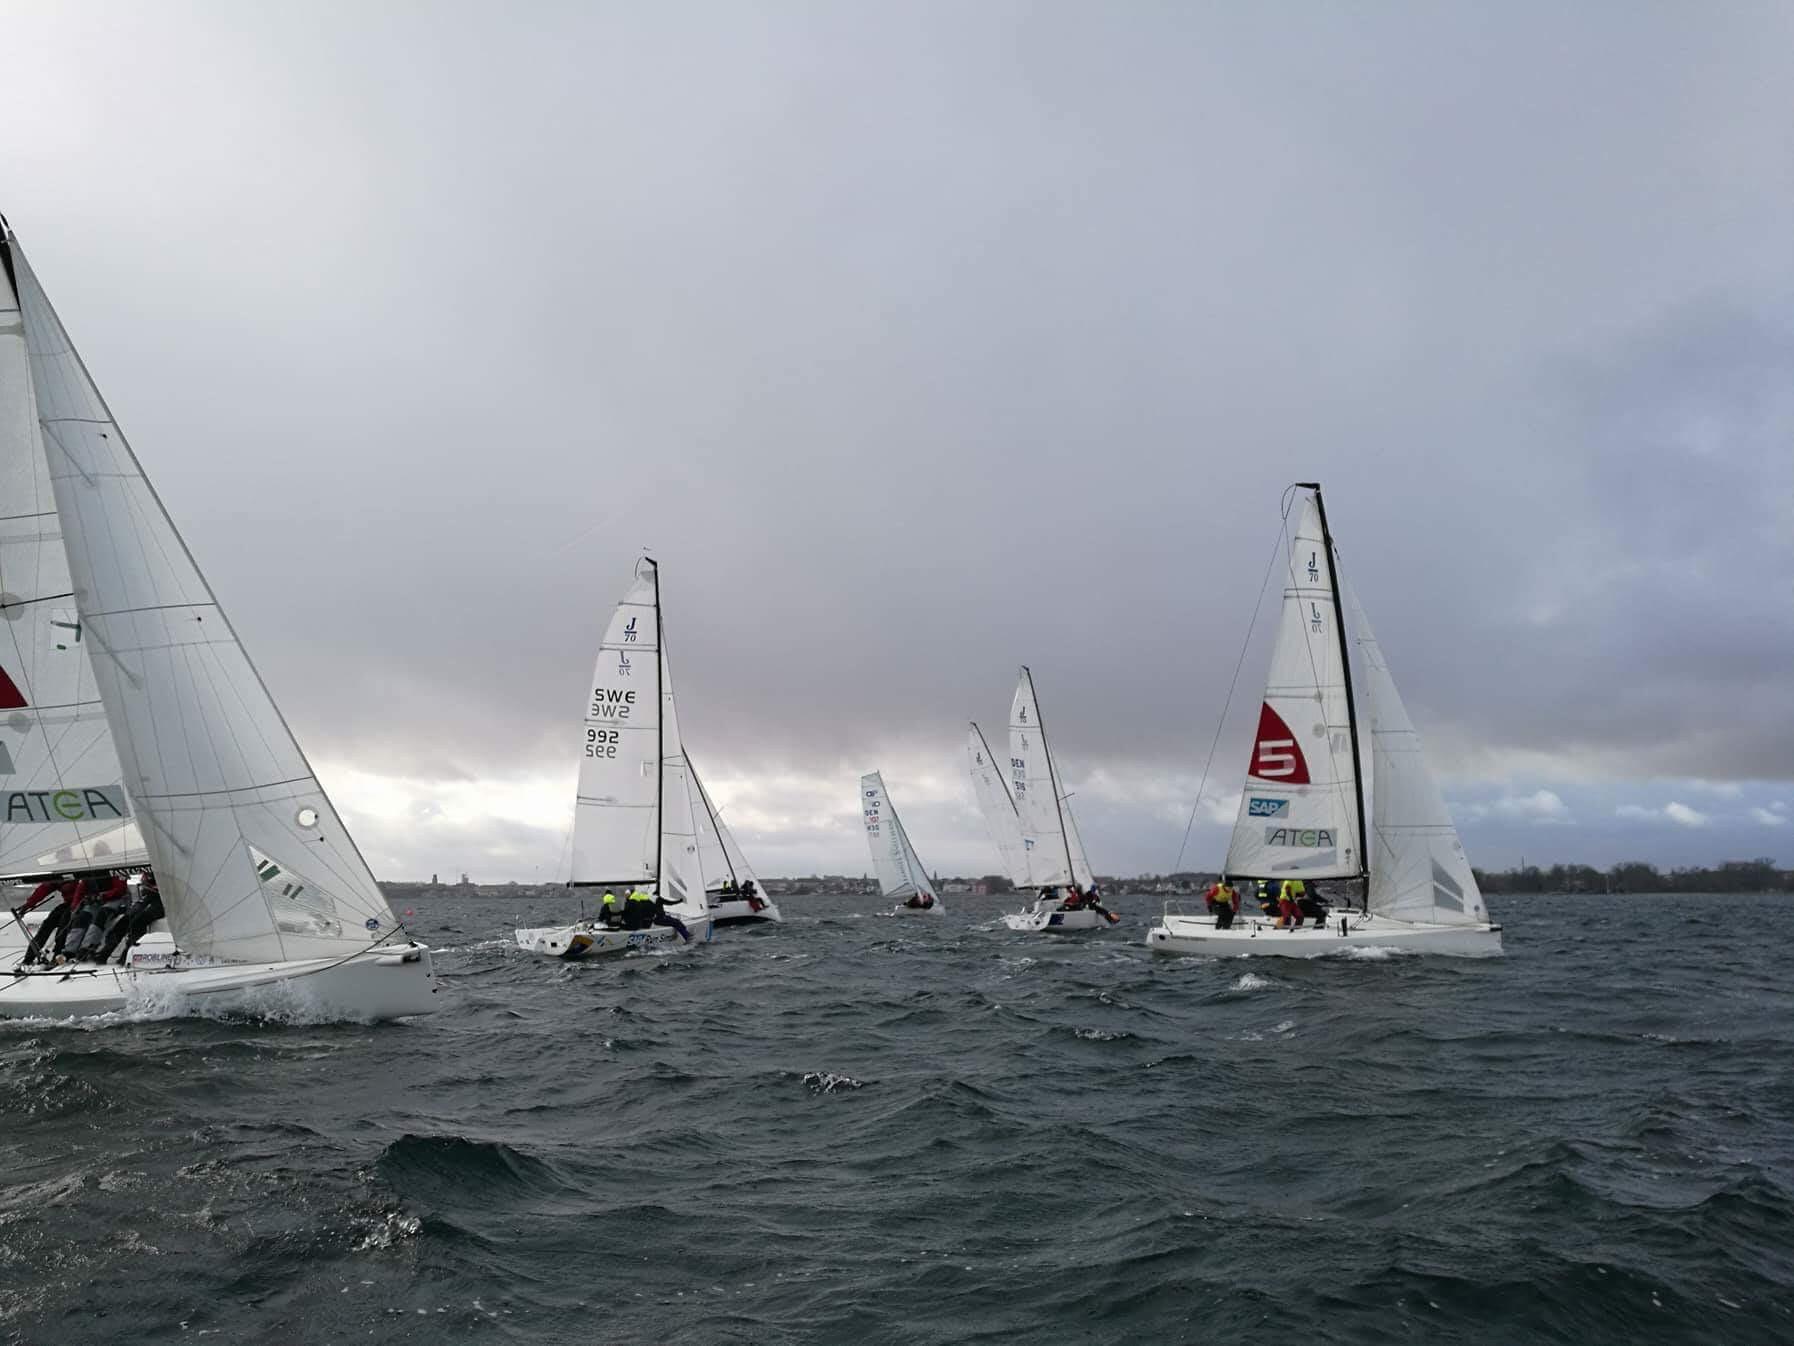 Besætninger fra sejlsportsligaen samt svenskere deltog også i træningen. Foto: Sejlsportsligaen.